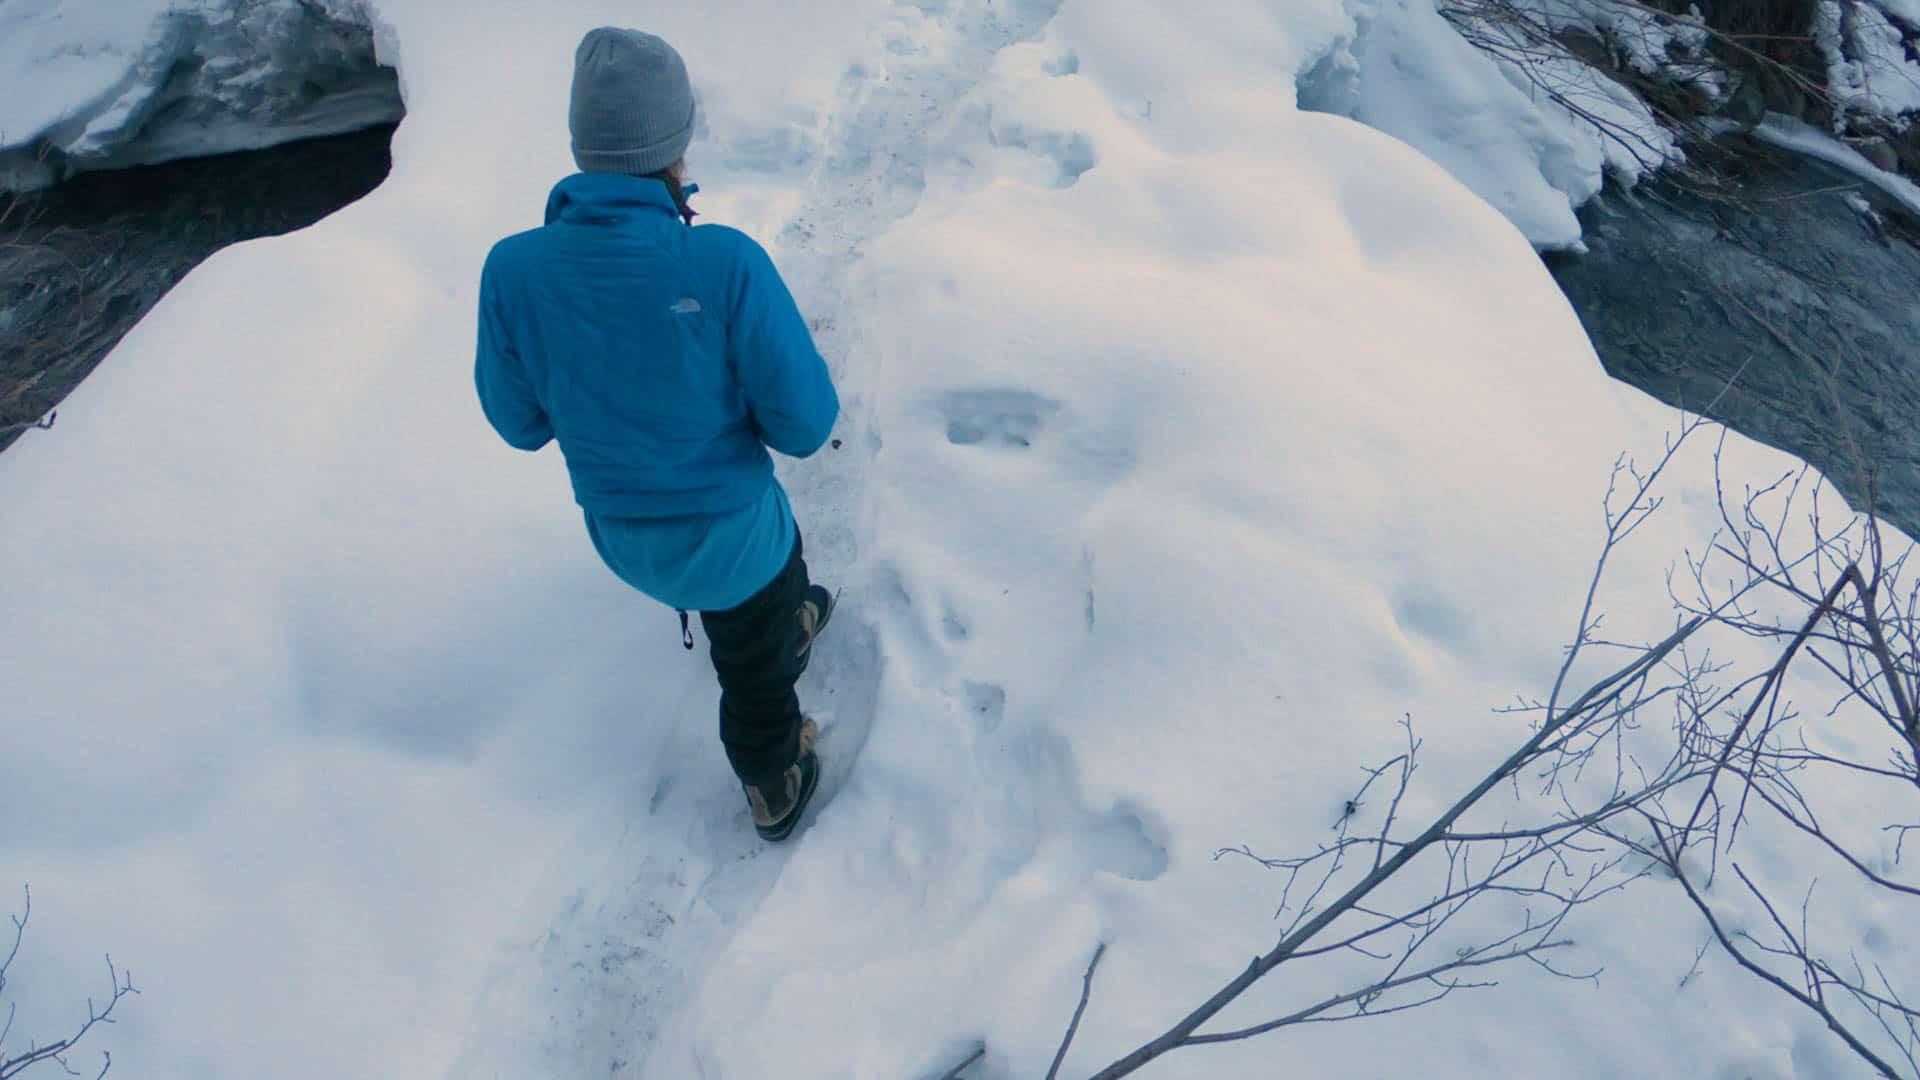 Winter Vanlife is More than skiing Powder Sun Valley Idaho (14 of 17)